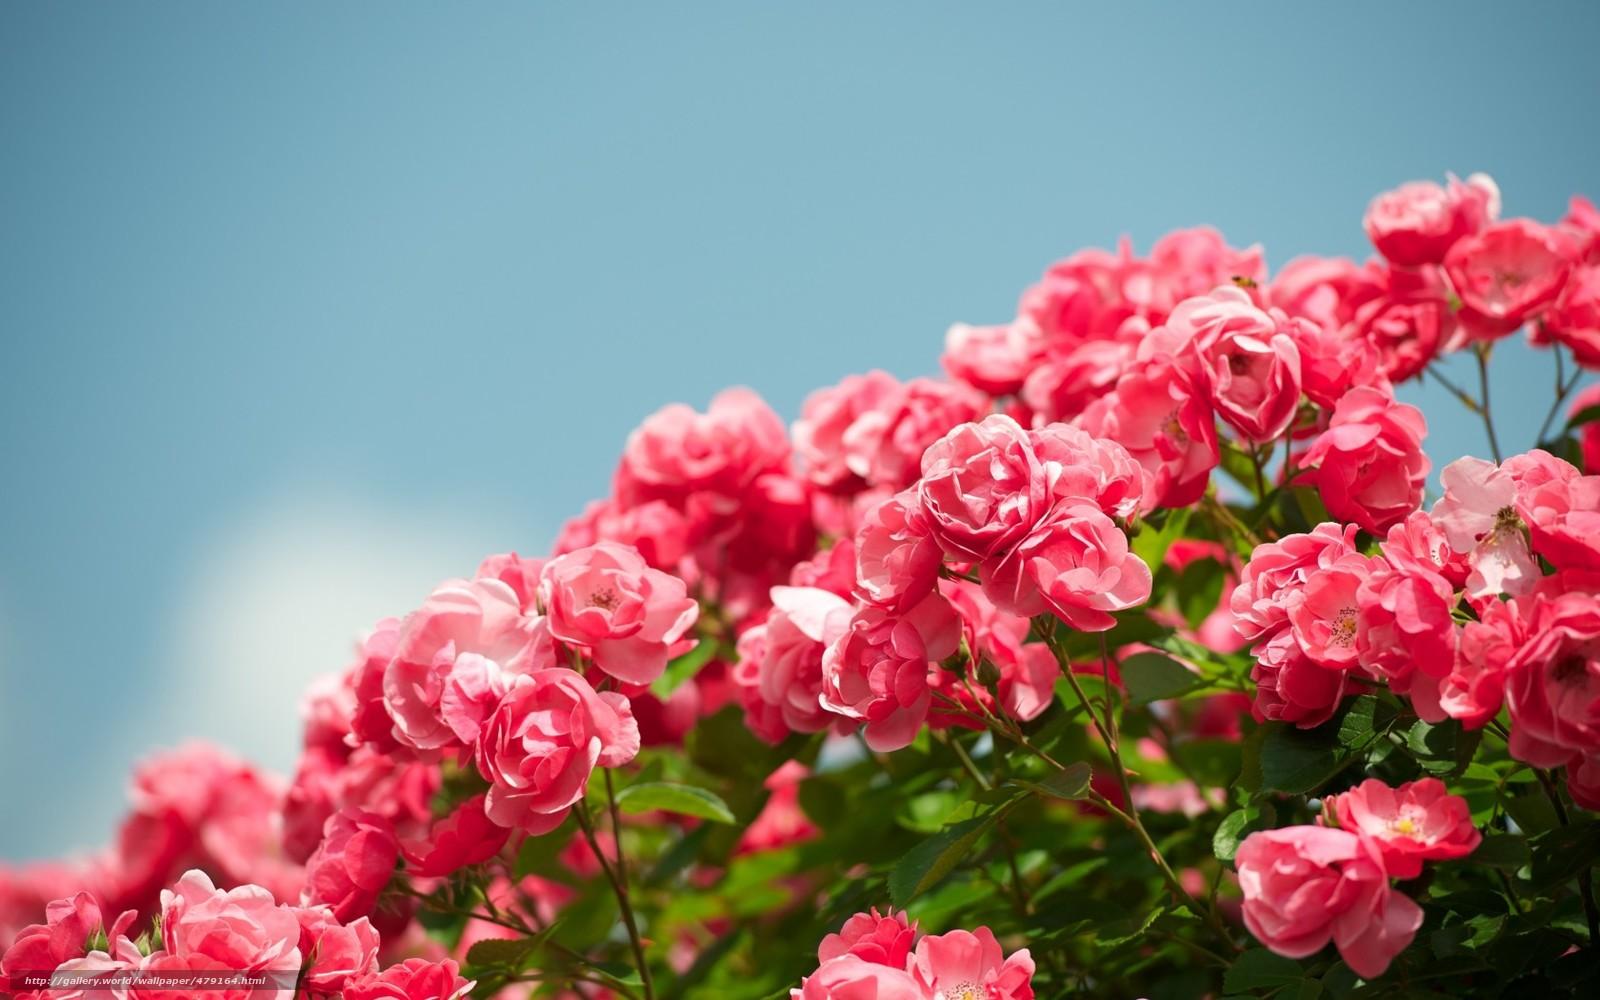 Обои на рабочий стол сад роз